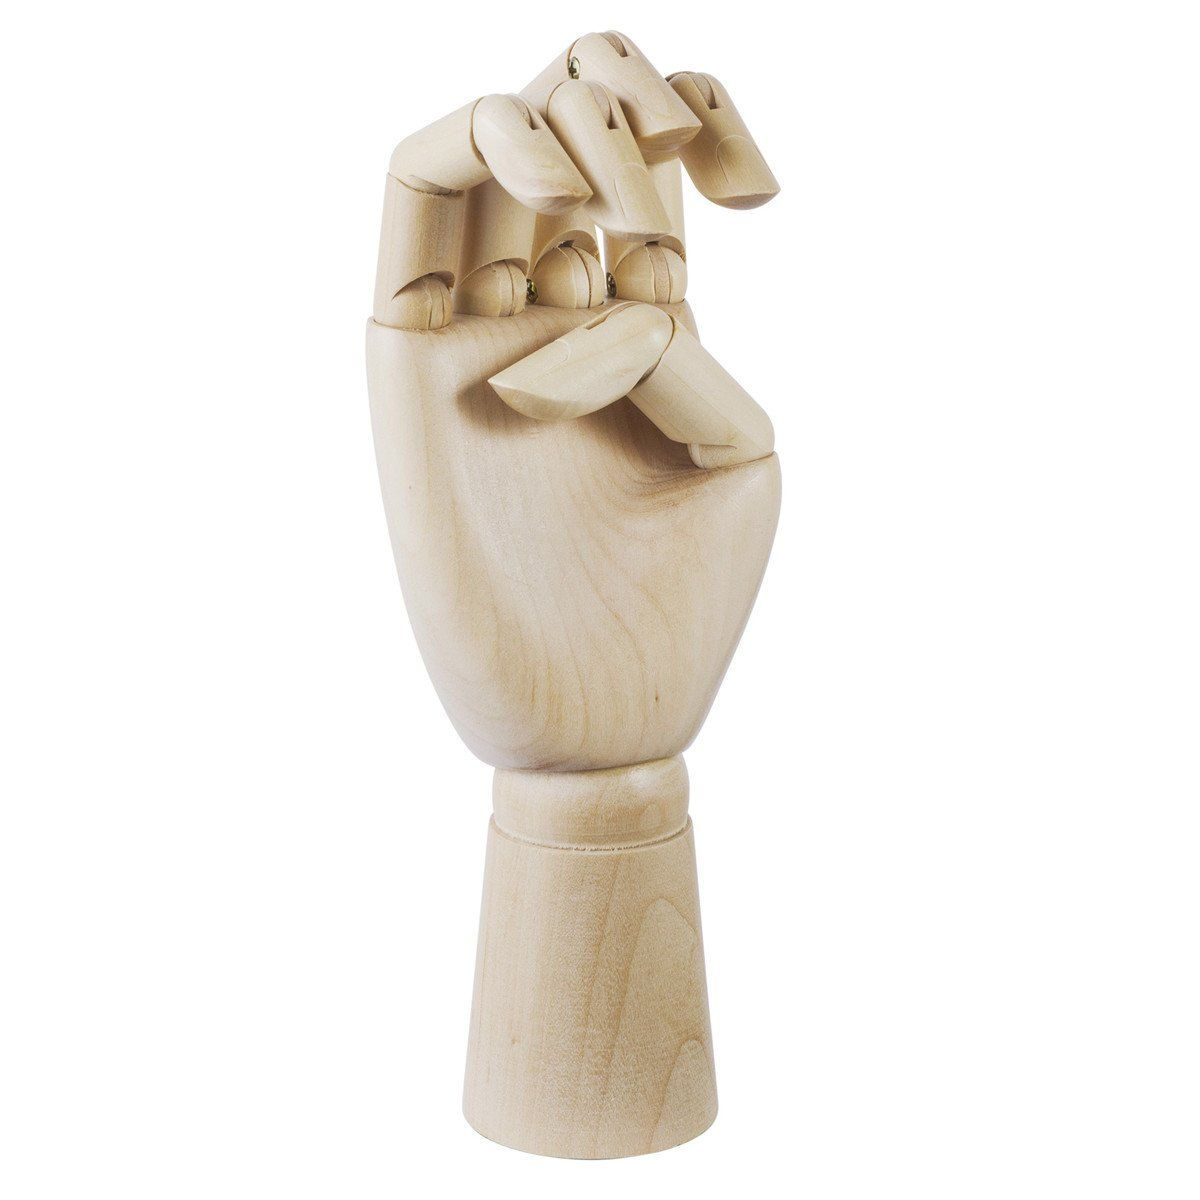 Enfeite de Madeira: Mão articulada (25cm)